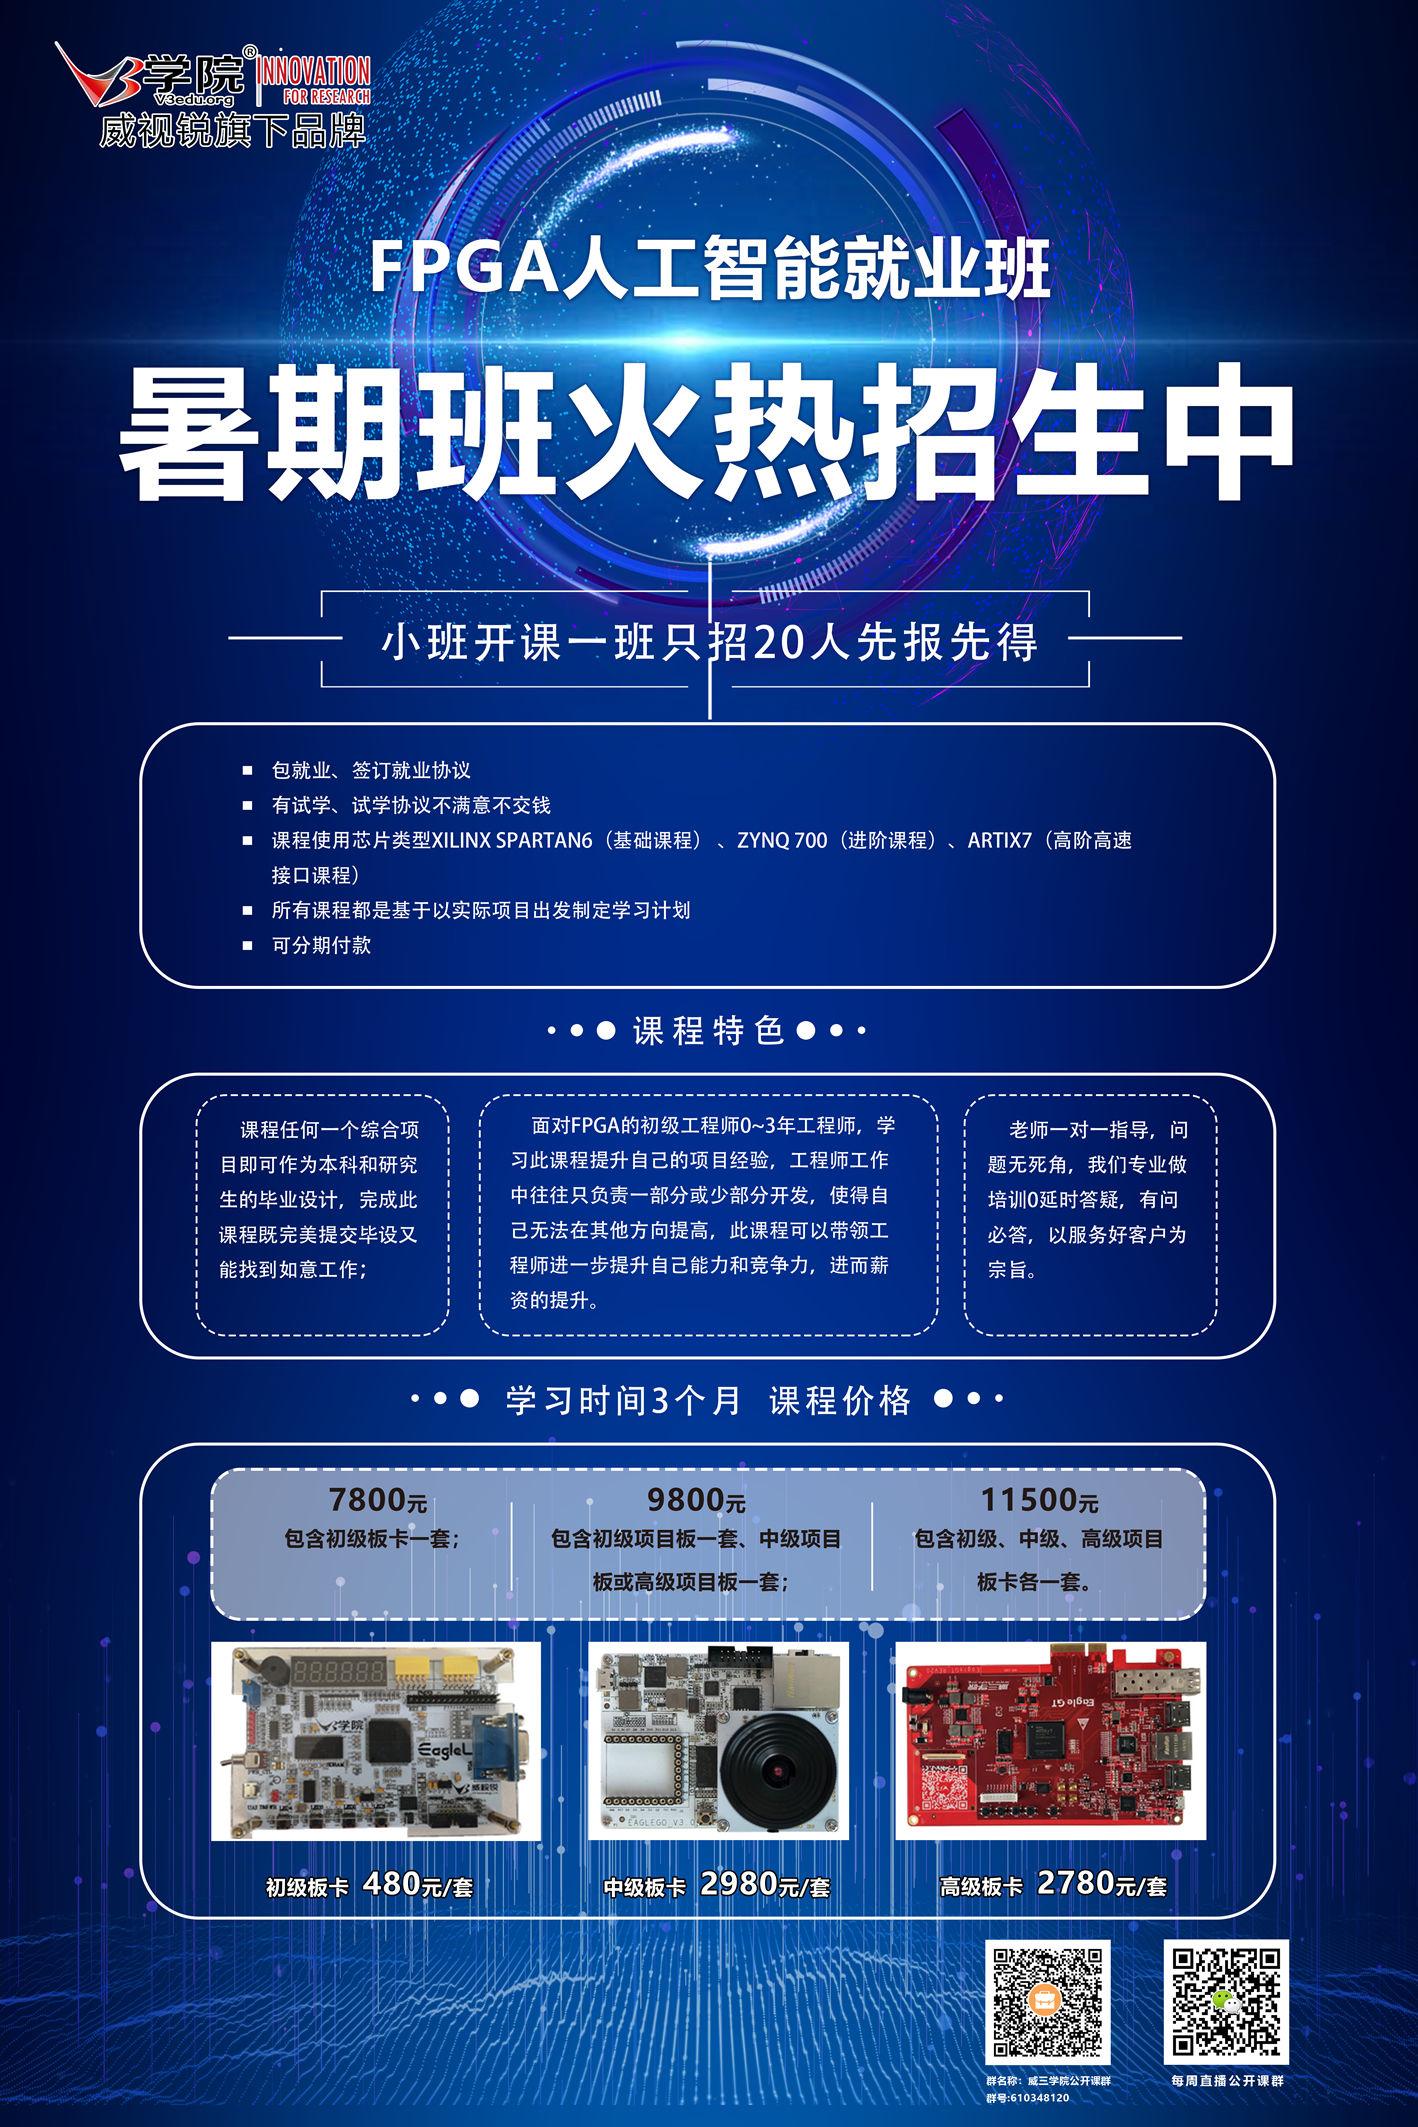 file_1560838387257.jpg